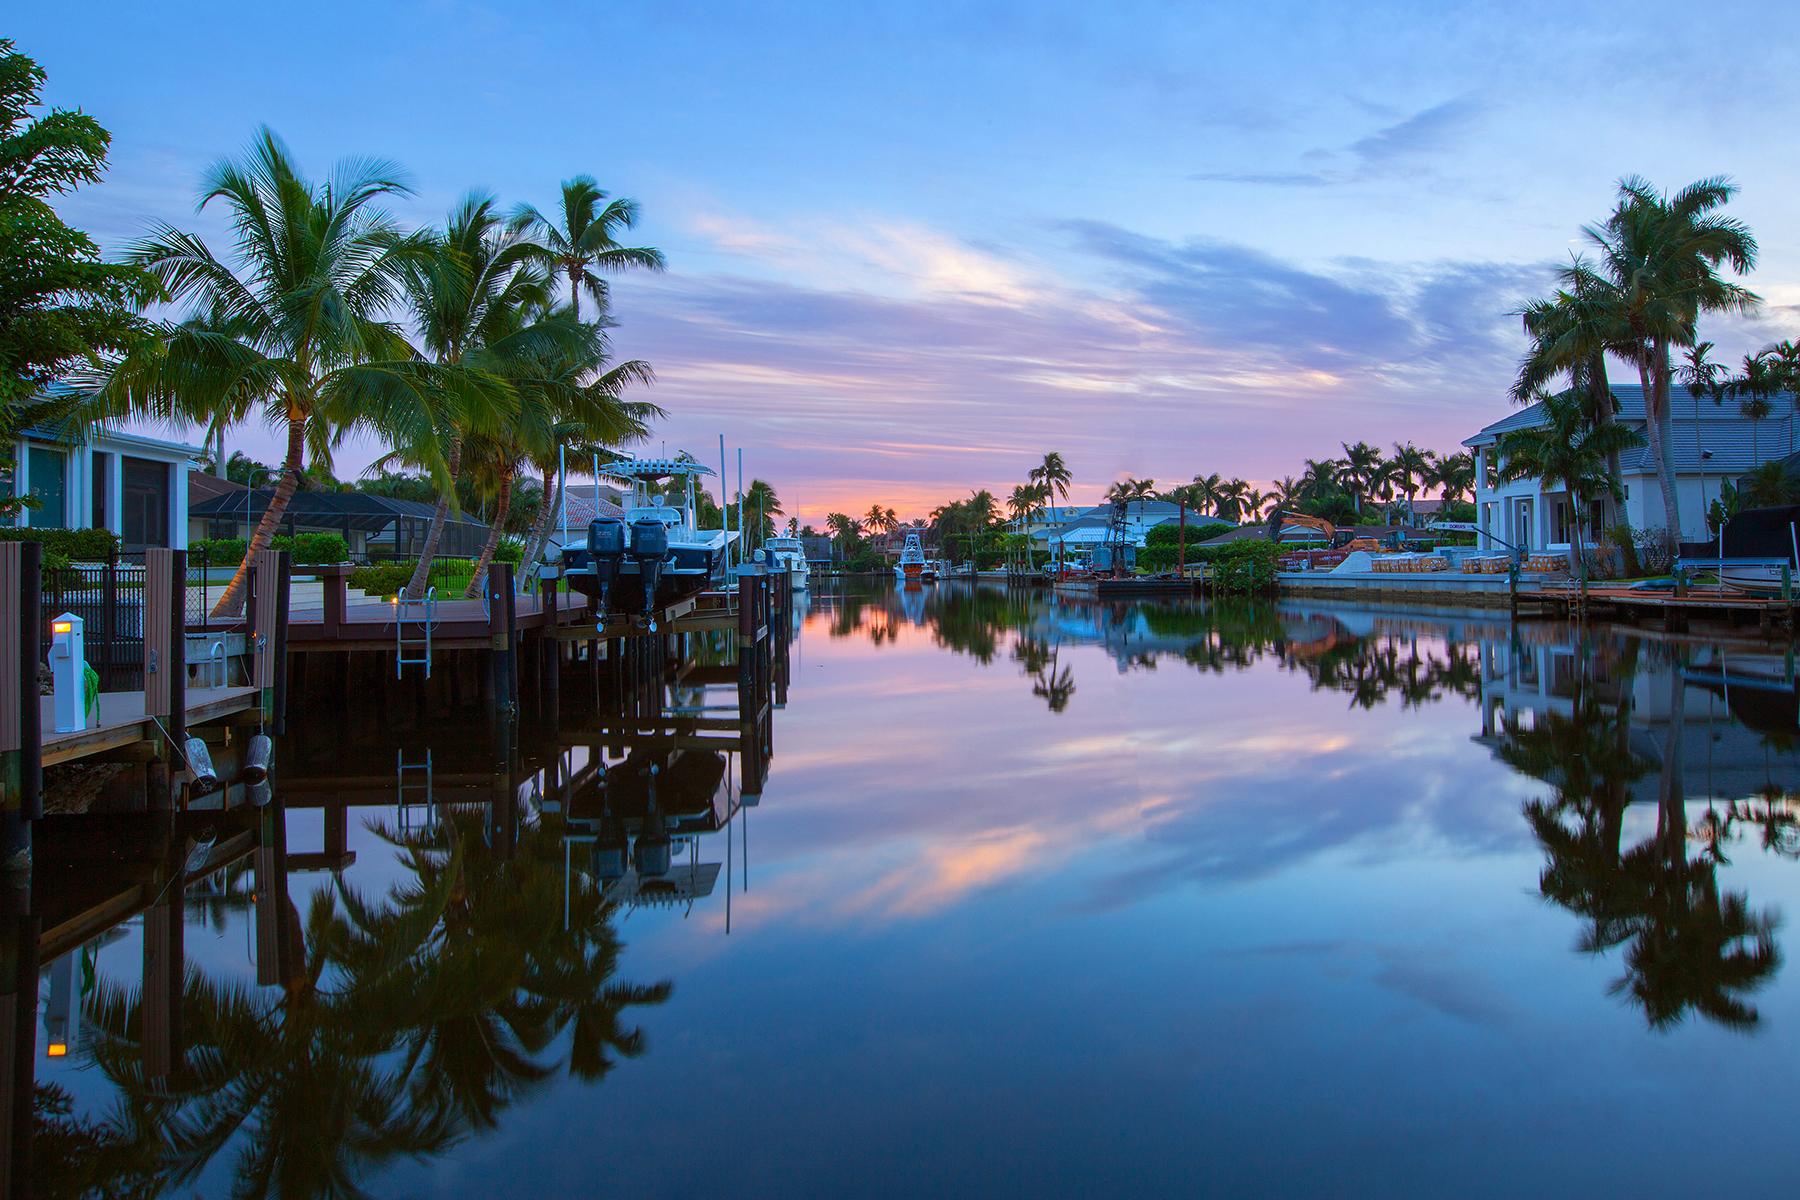 단독 가정 주택 용 매매 에 AQUALANE SHORES 1826 7th St S Aqualane Shores, Naples, 플로리다, 34102 미국